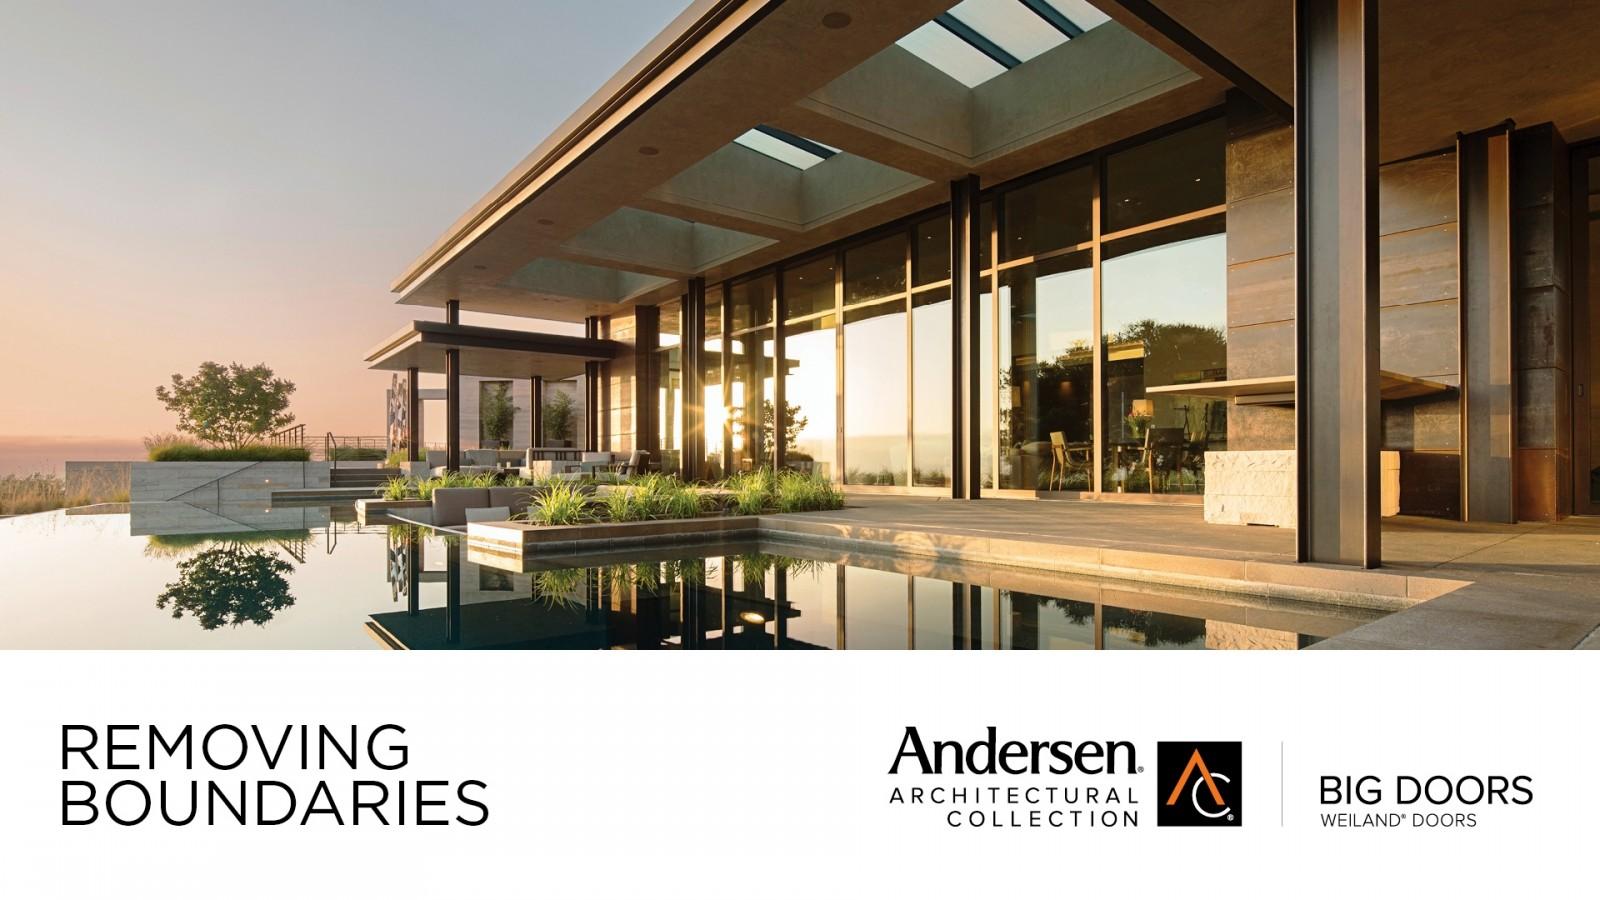 Andersen Lift & Slide